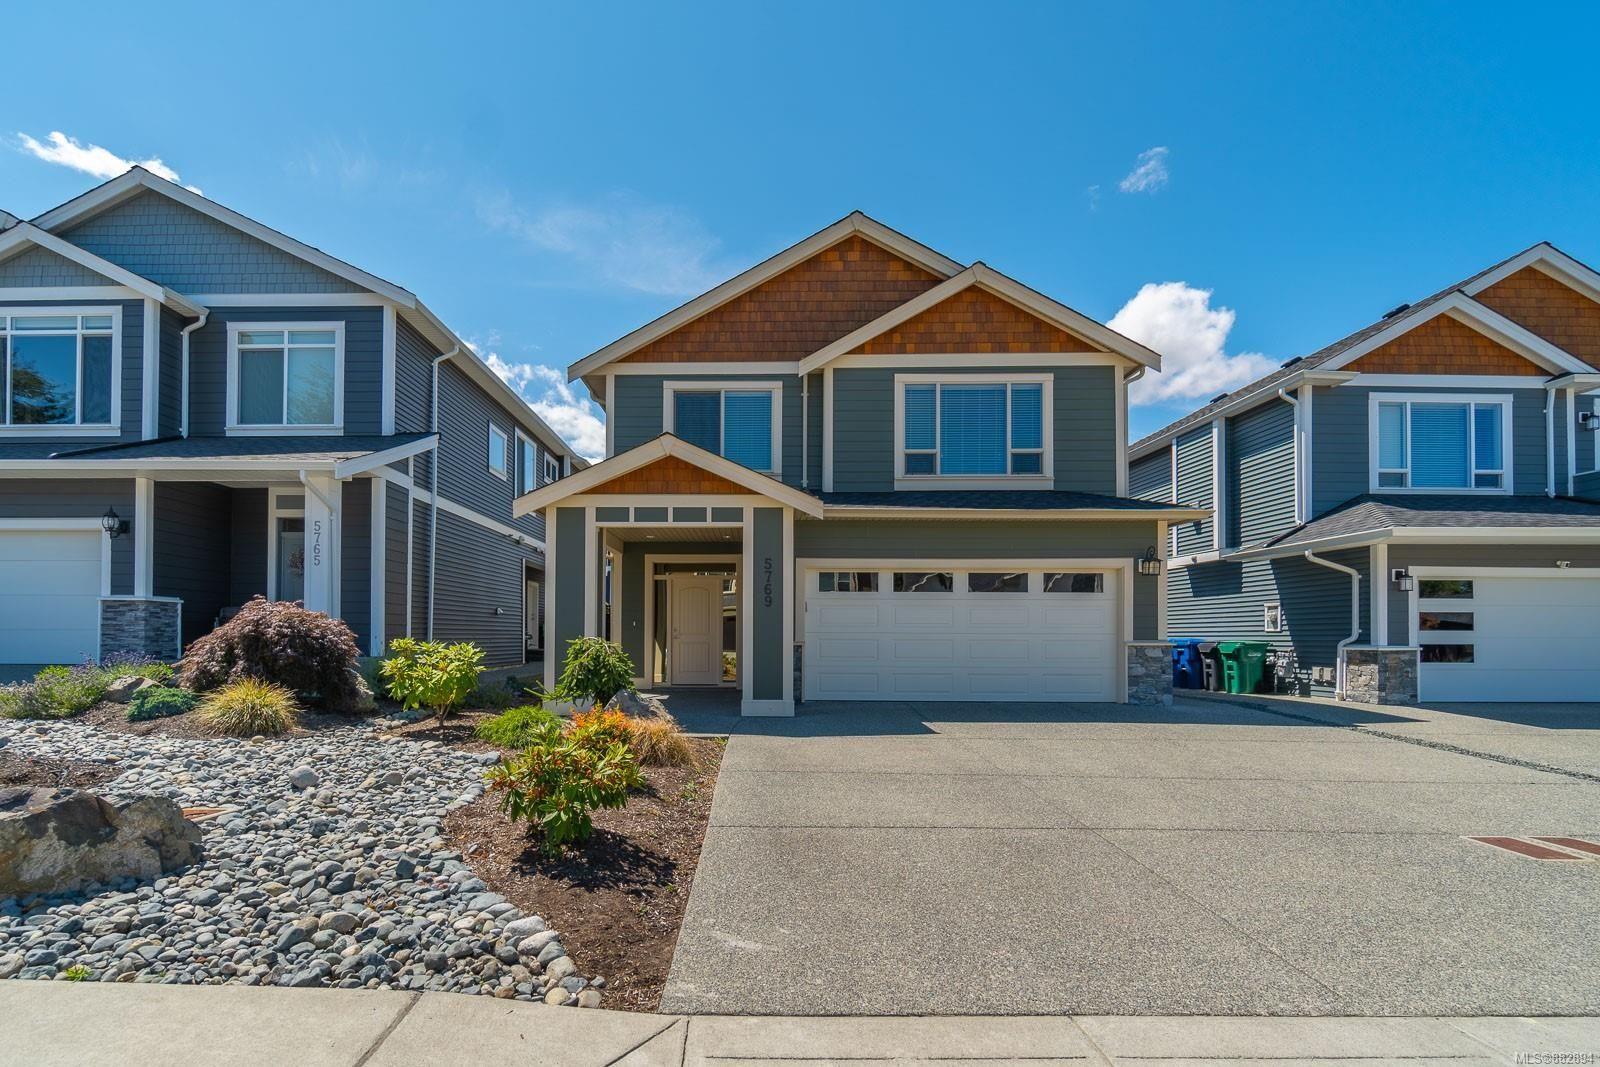 Main Photo: 5769 Linyard Rd in : Na North Nanaimo House for sale (Nanaimo)  : MLS®# 882894